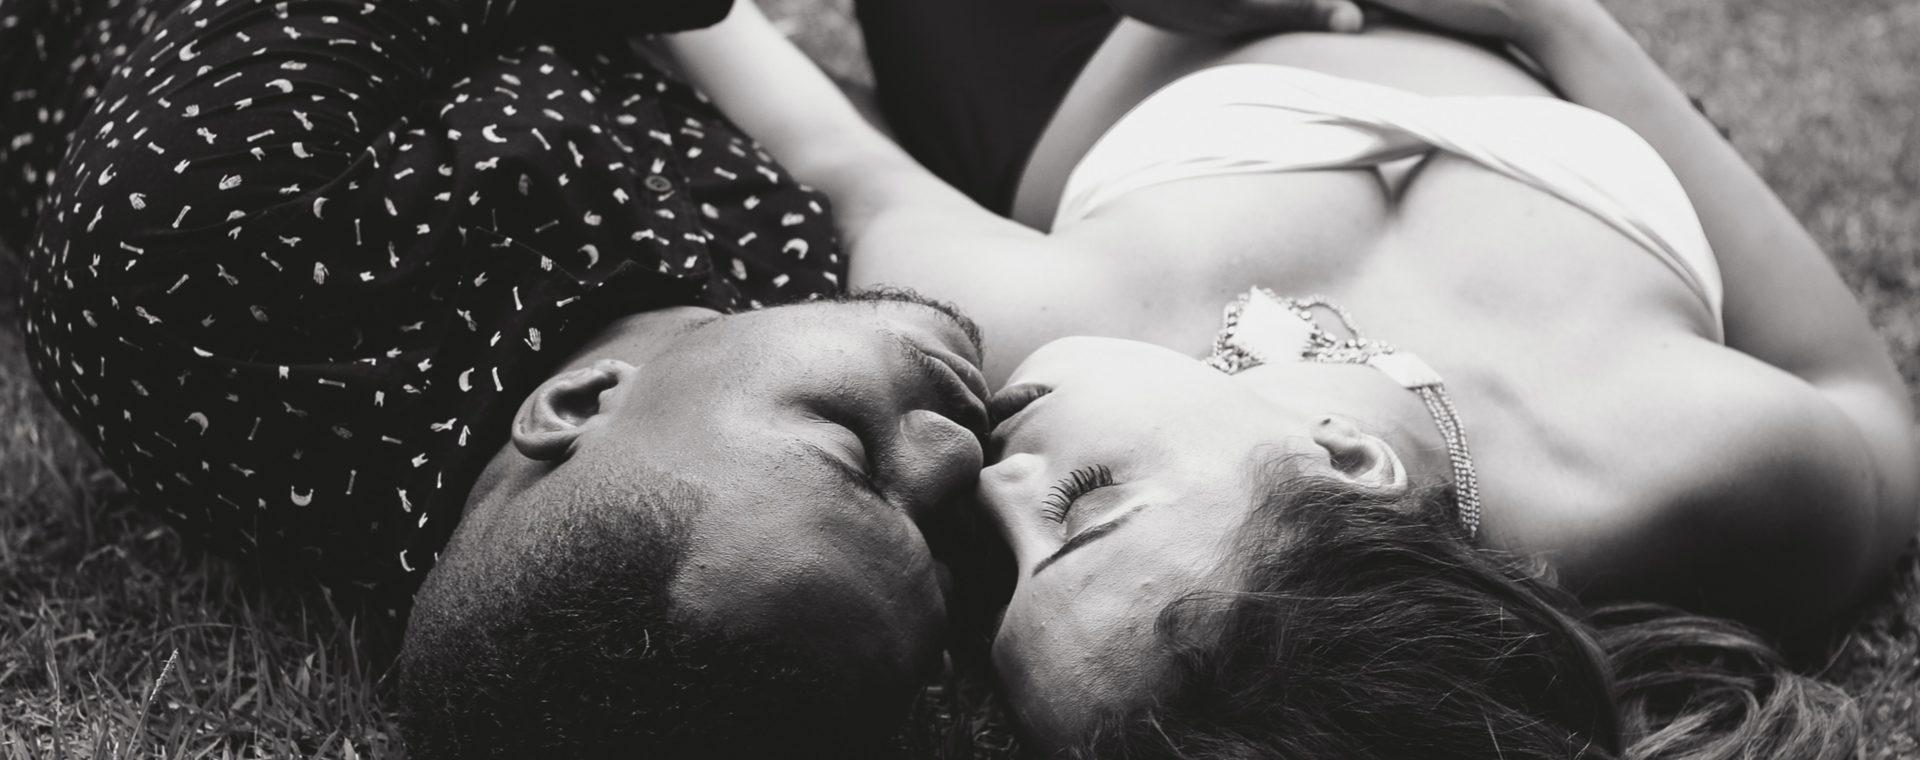 le slow sex, l'orgasme assuré, lentement mais sûrement